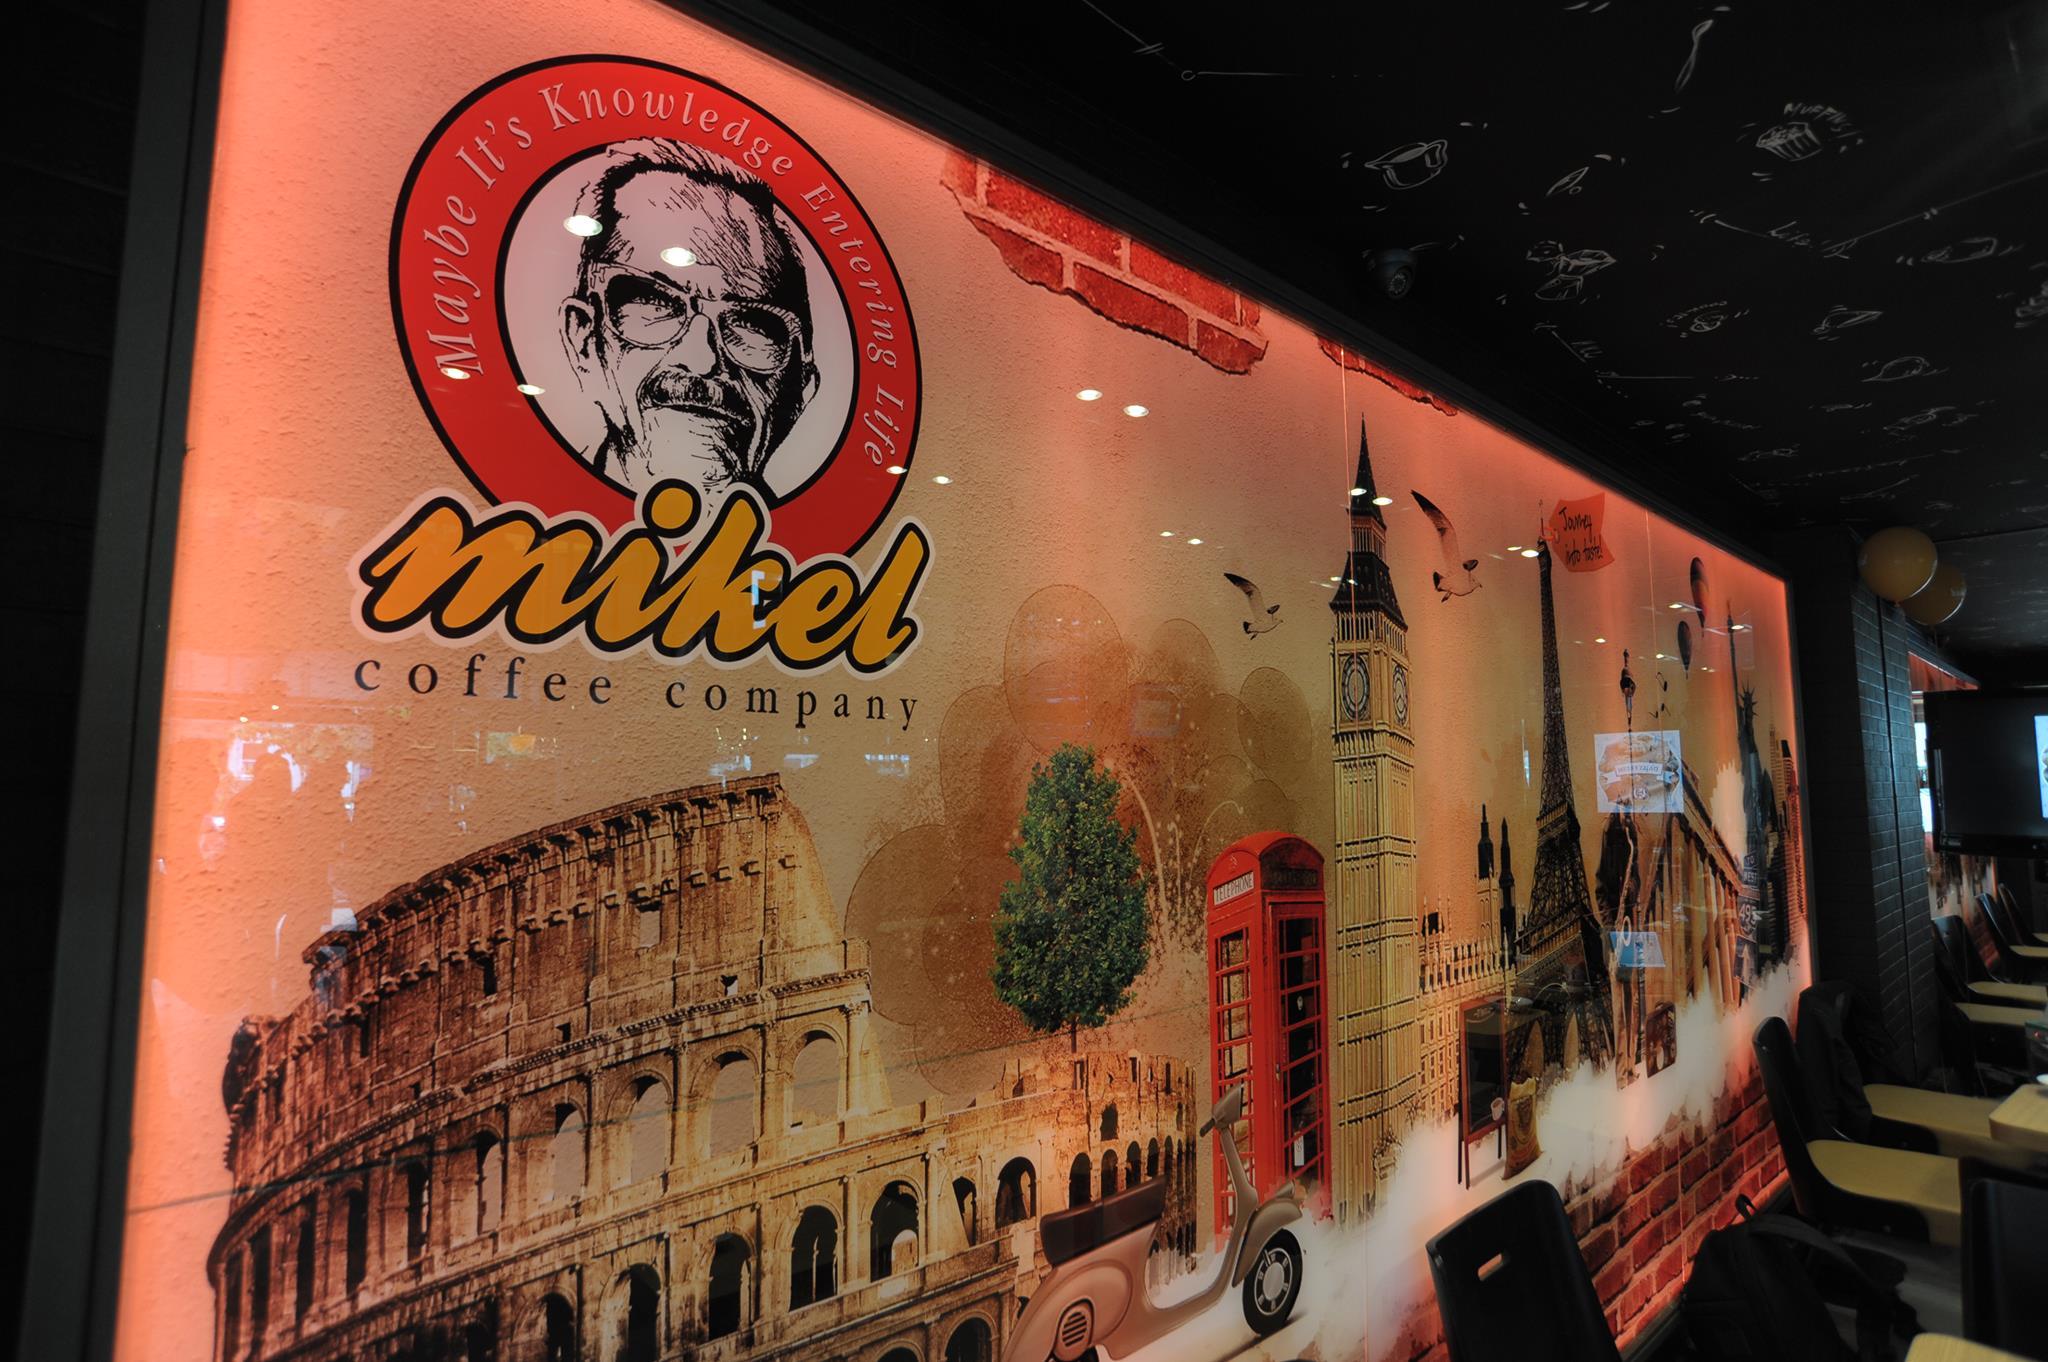 Mikel: Η αλυσίδα καφέ από τη Λάρισα που κατακτά τον κόσμο